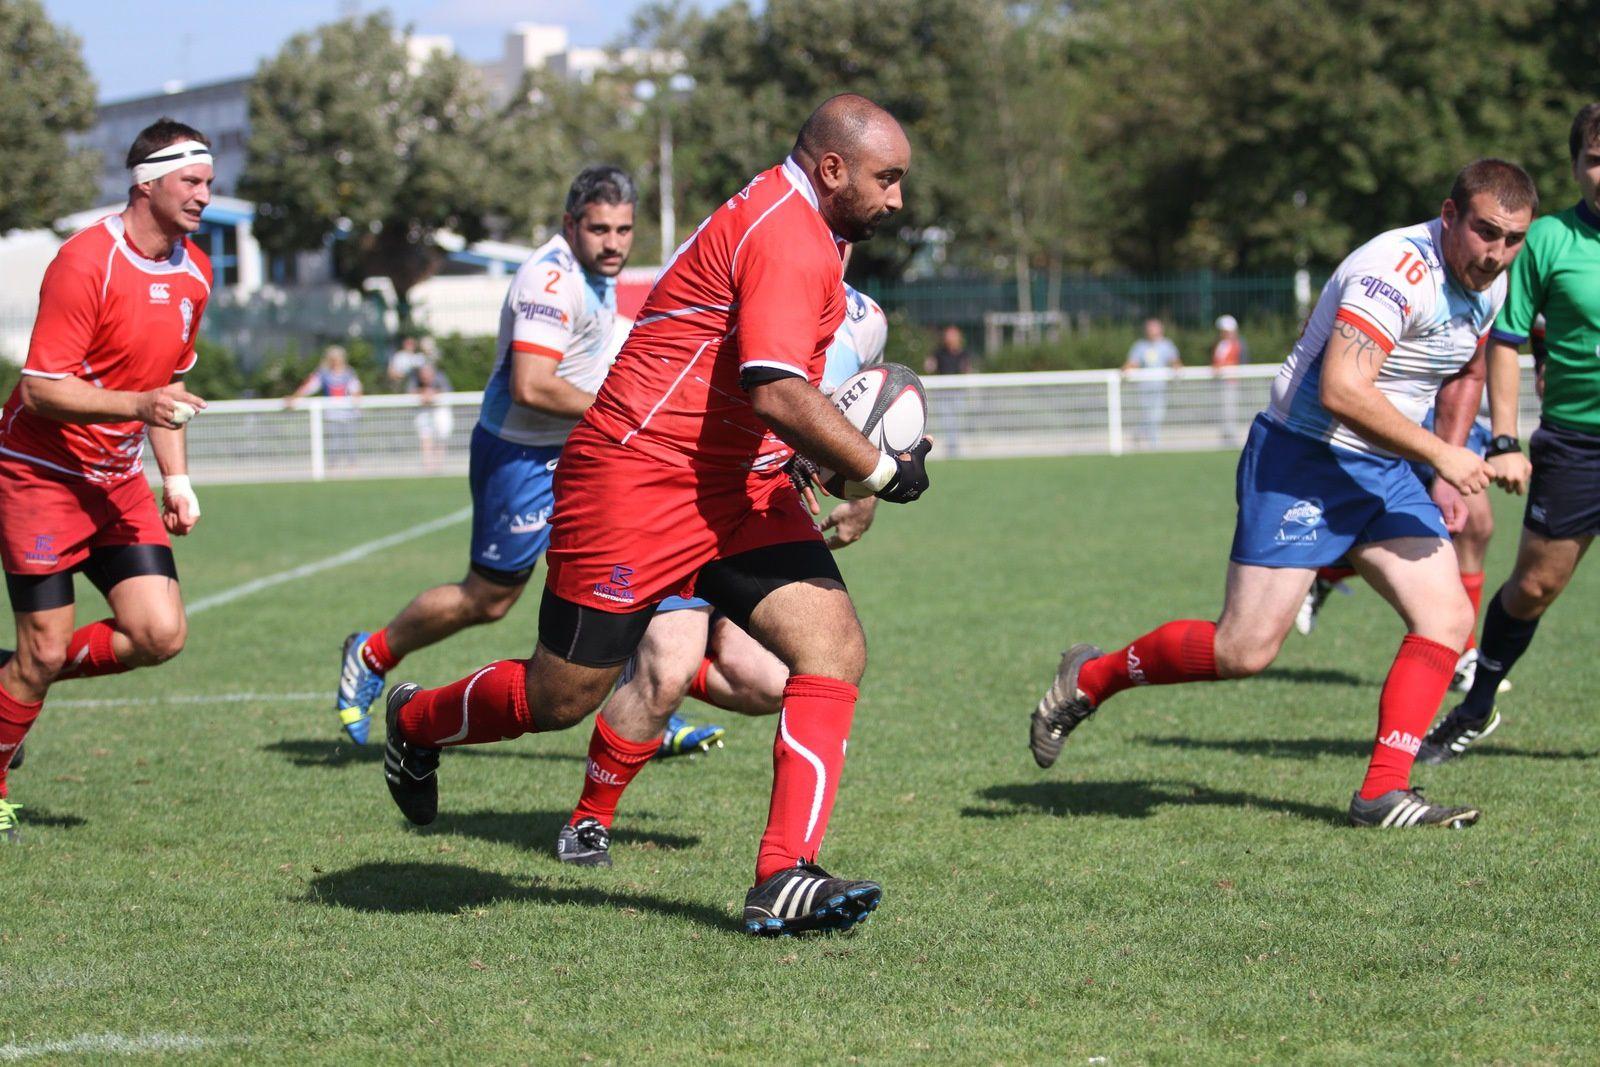 Si le temps le permet, l'US Vénissieux foulera la pelouse du stade Laurent-Gerin